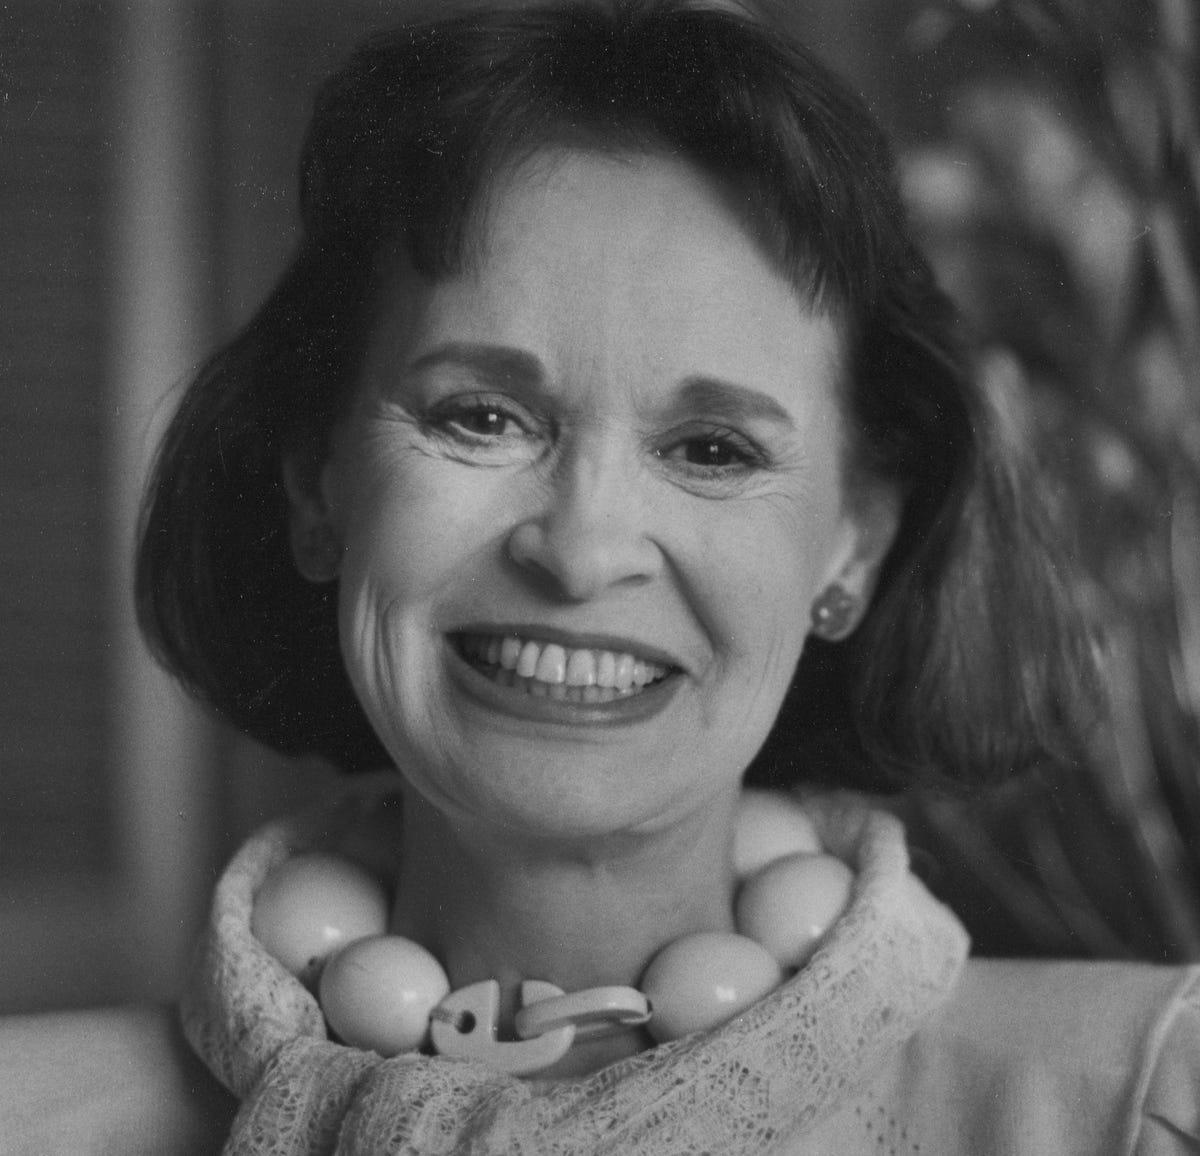 Gloria Vanderbilt, heiress, jeans queen, dies at 95